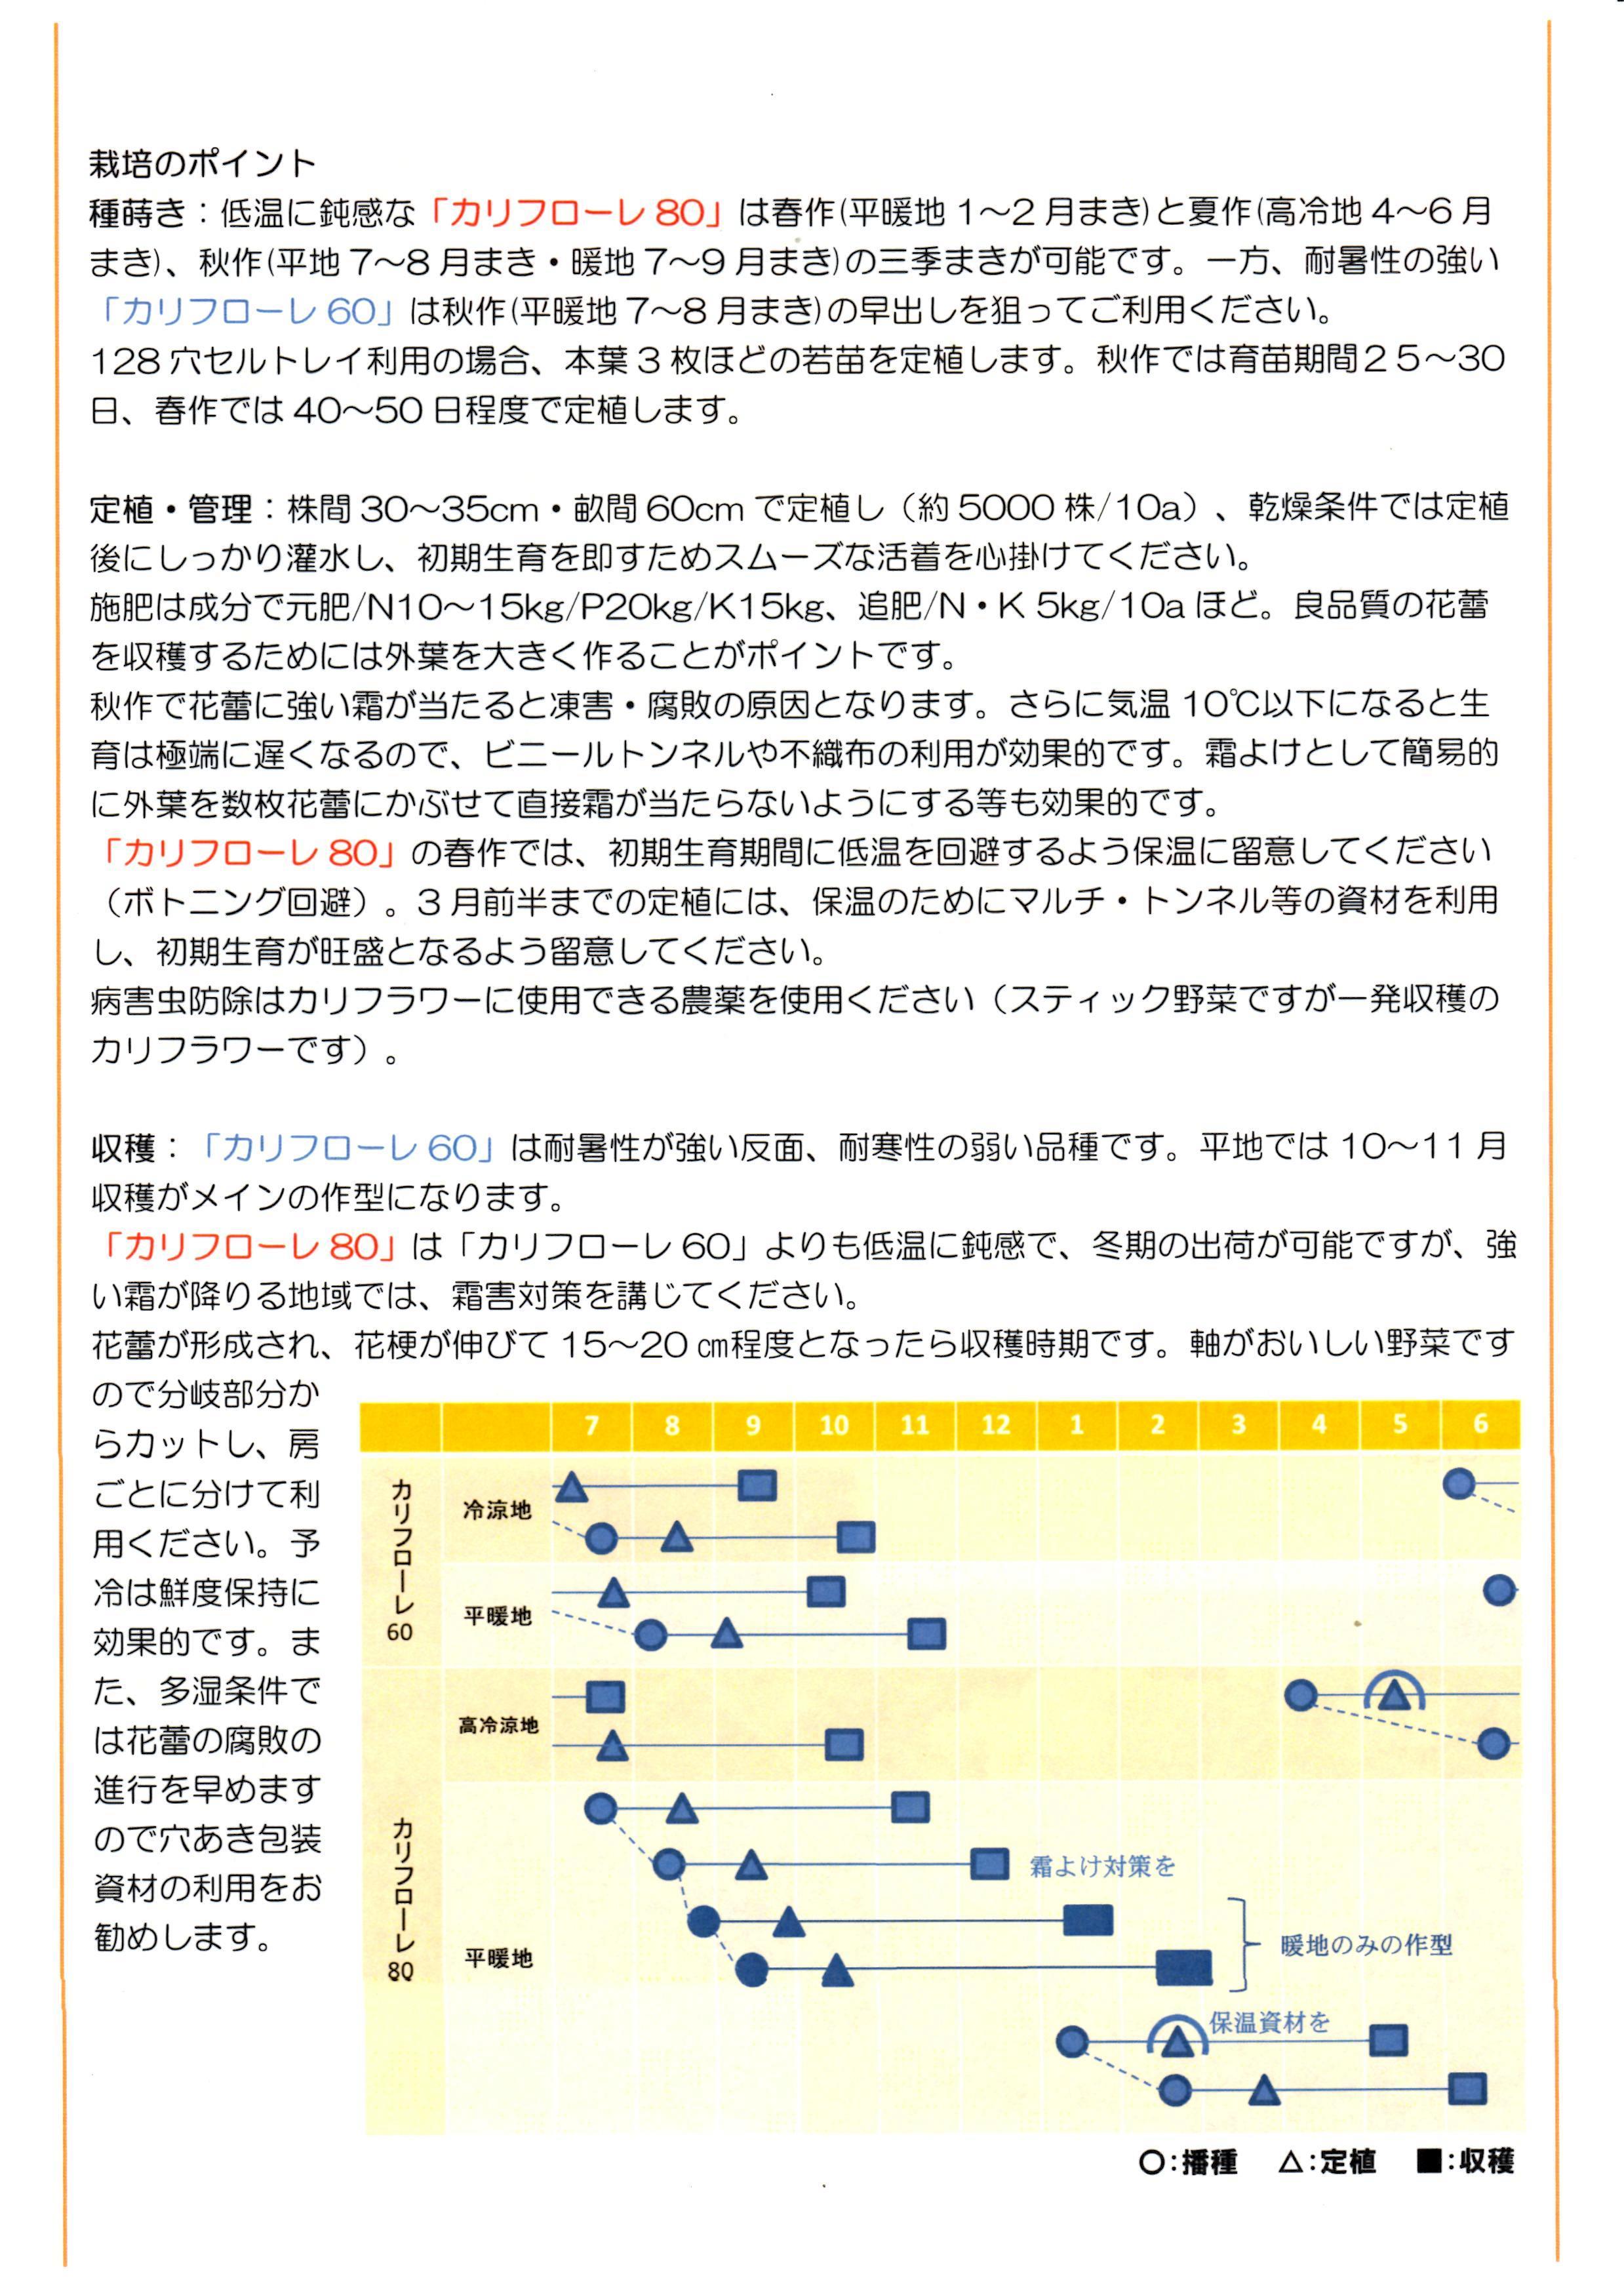 karifu-panf2.jpg